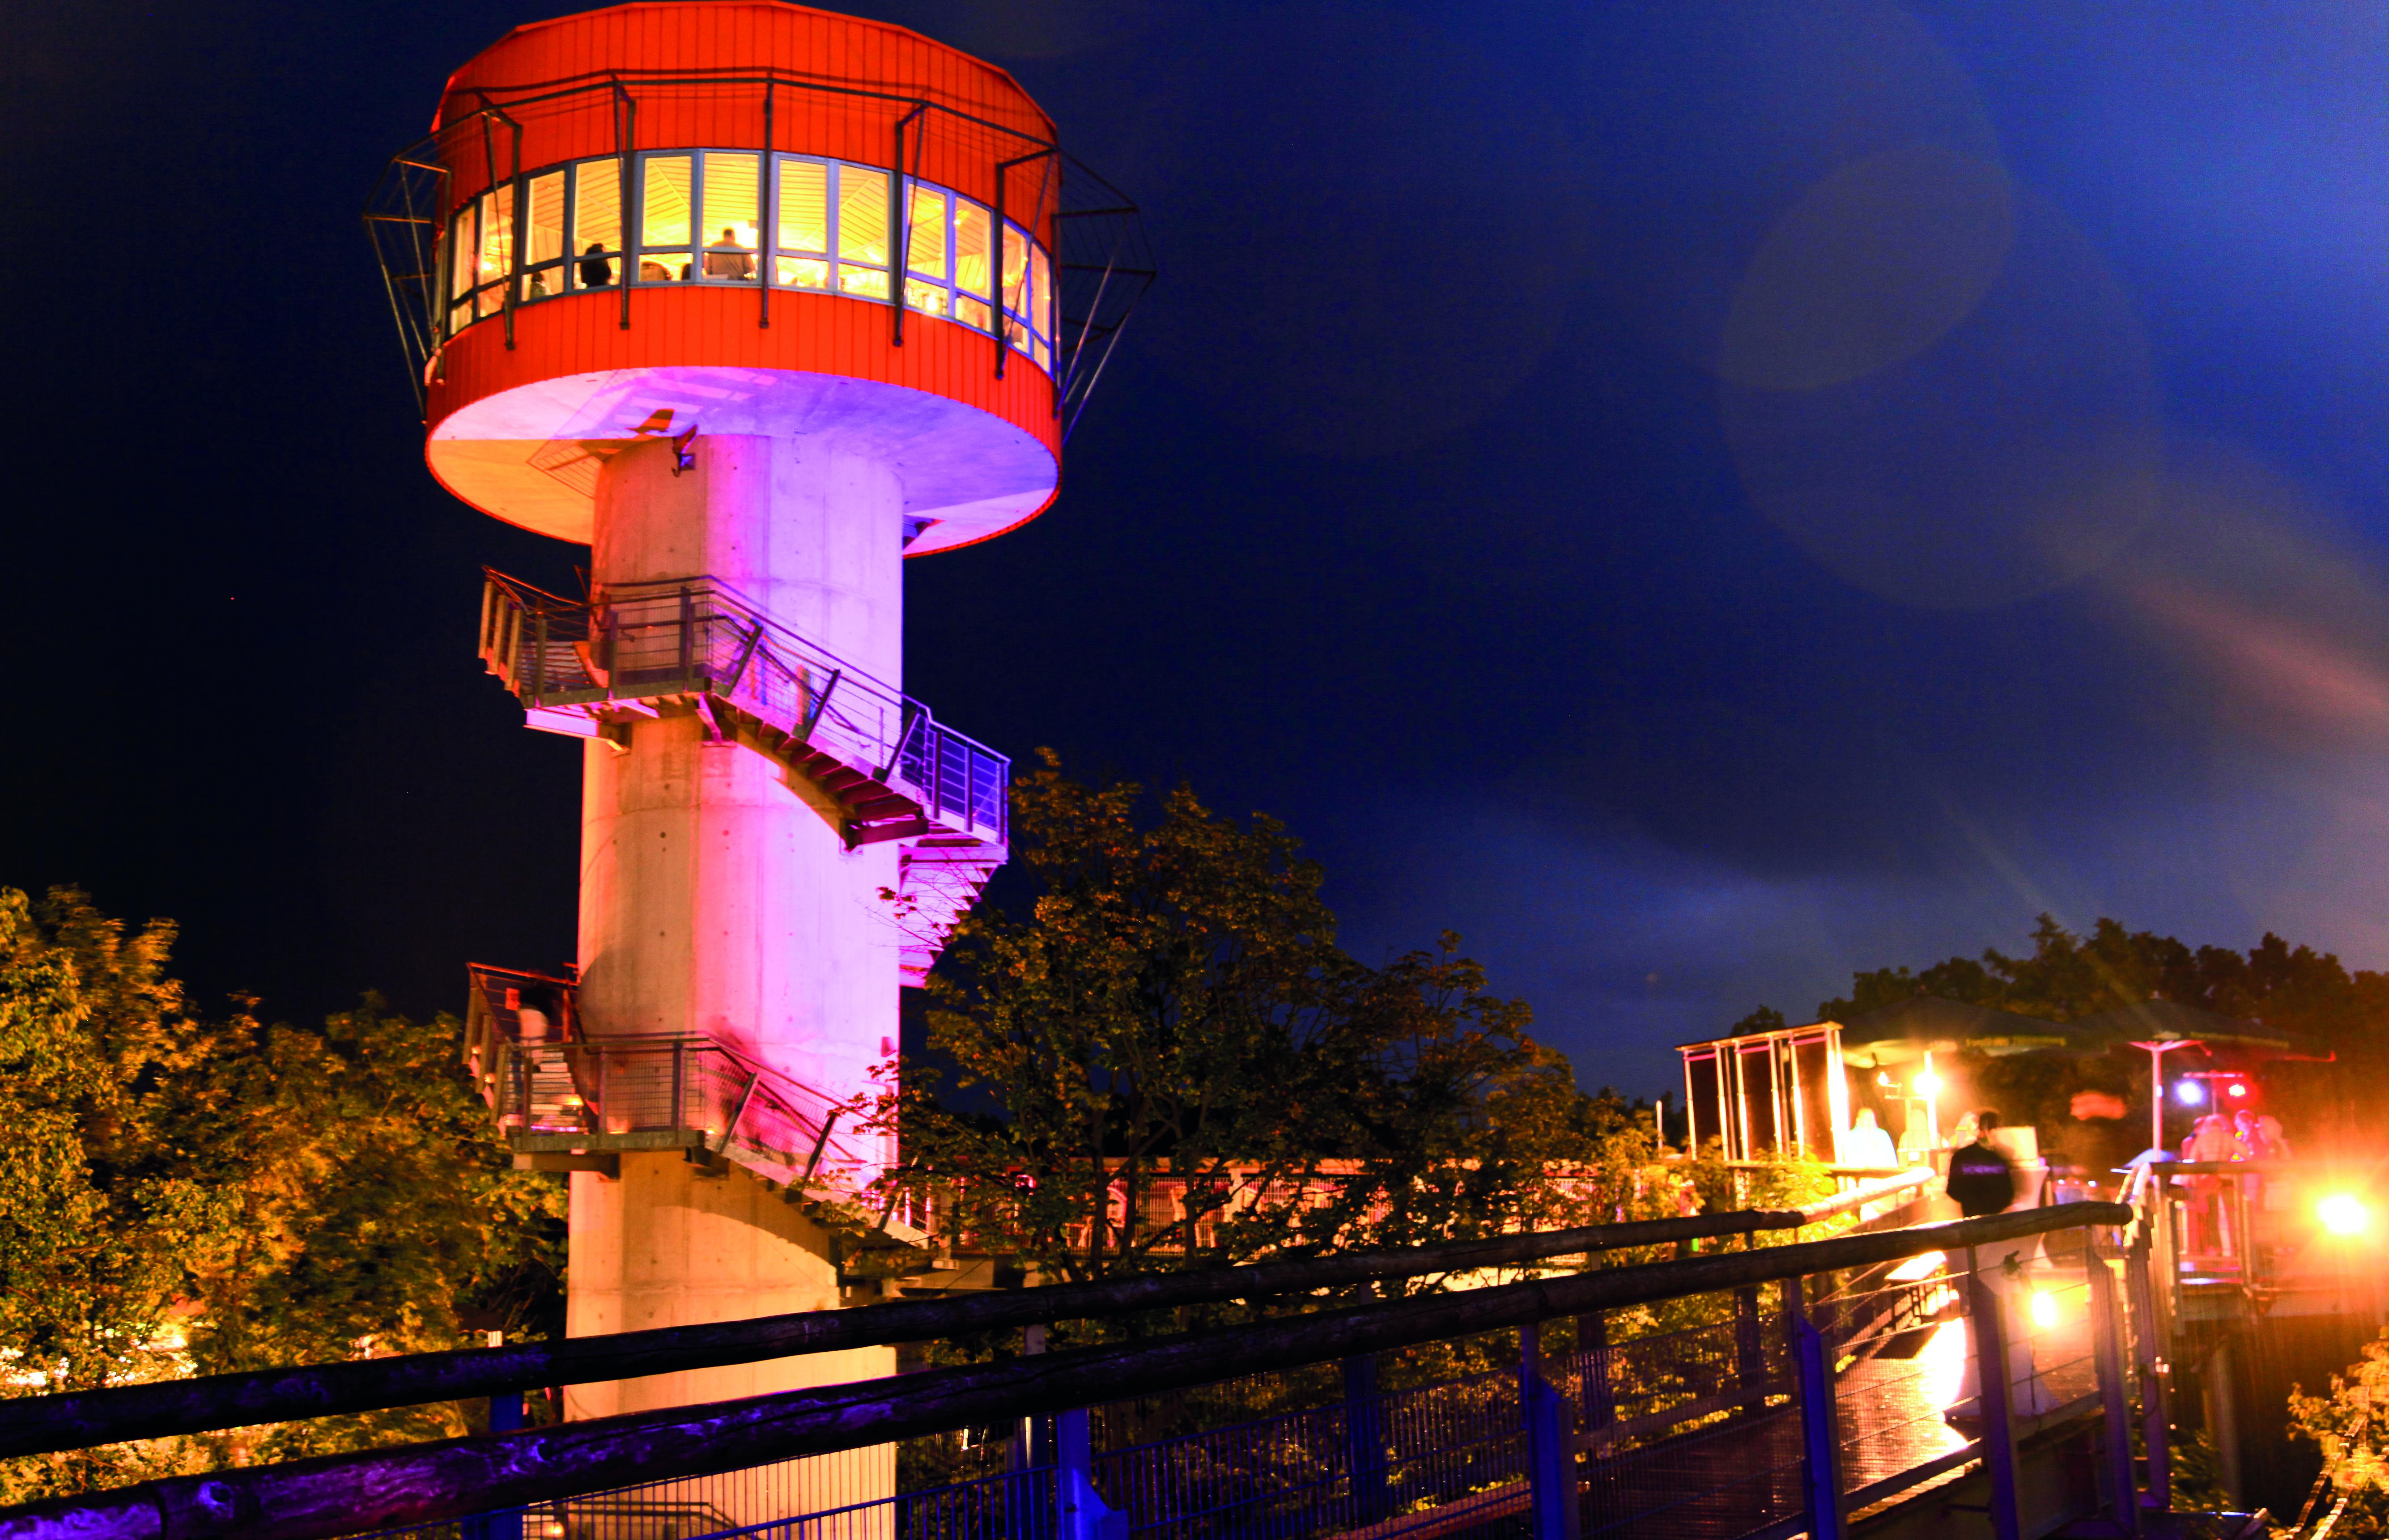 Höhengenuss auf dem Baumkronenpfad Turm beleuchtet